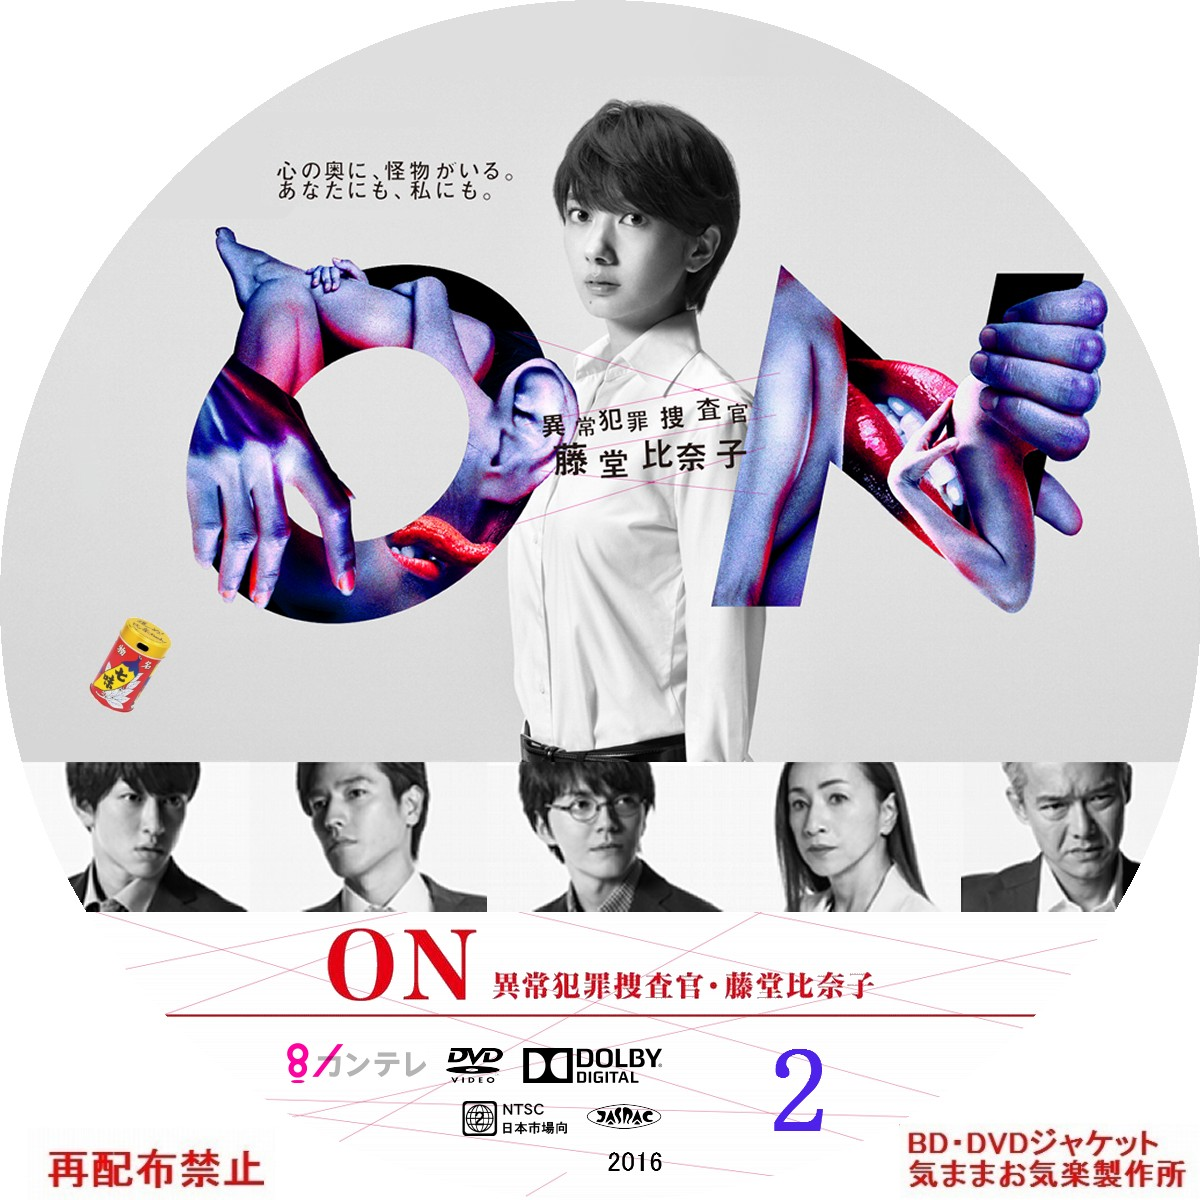 ON_02.jpg